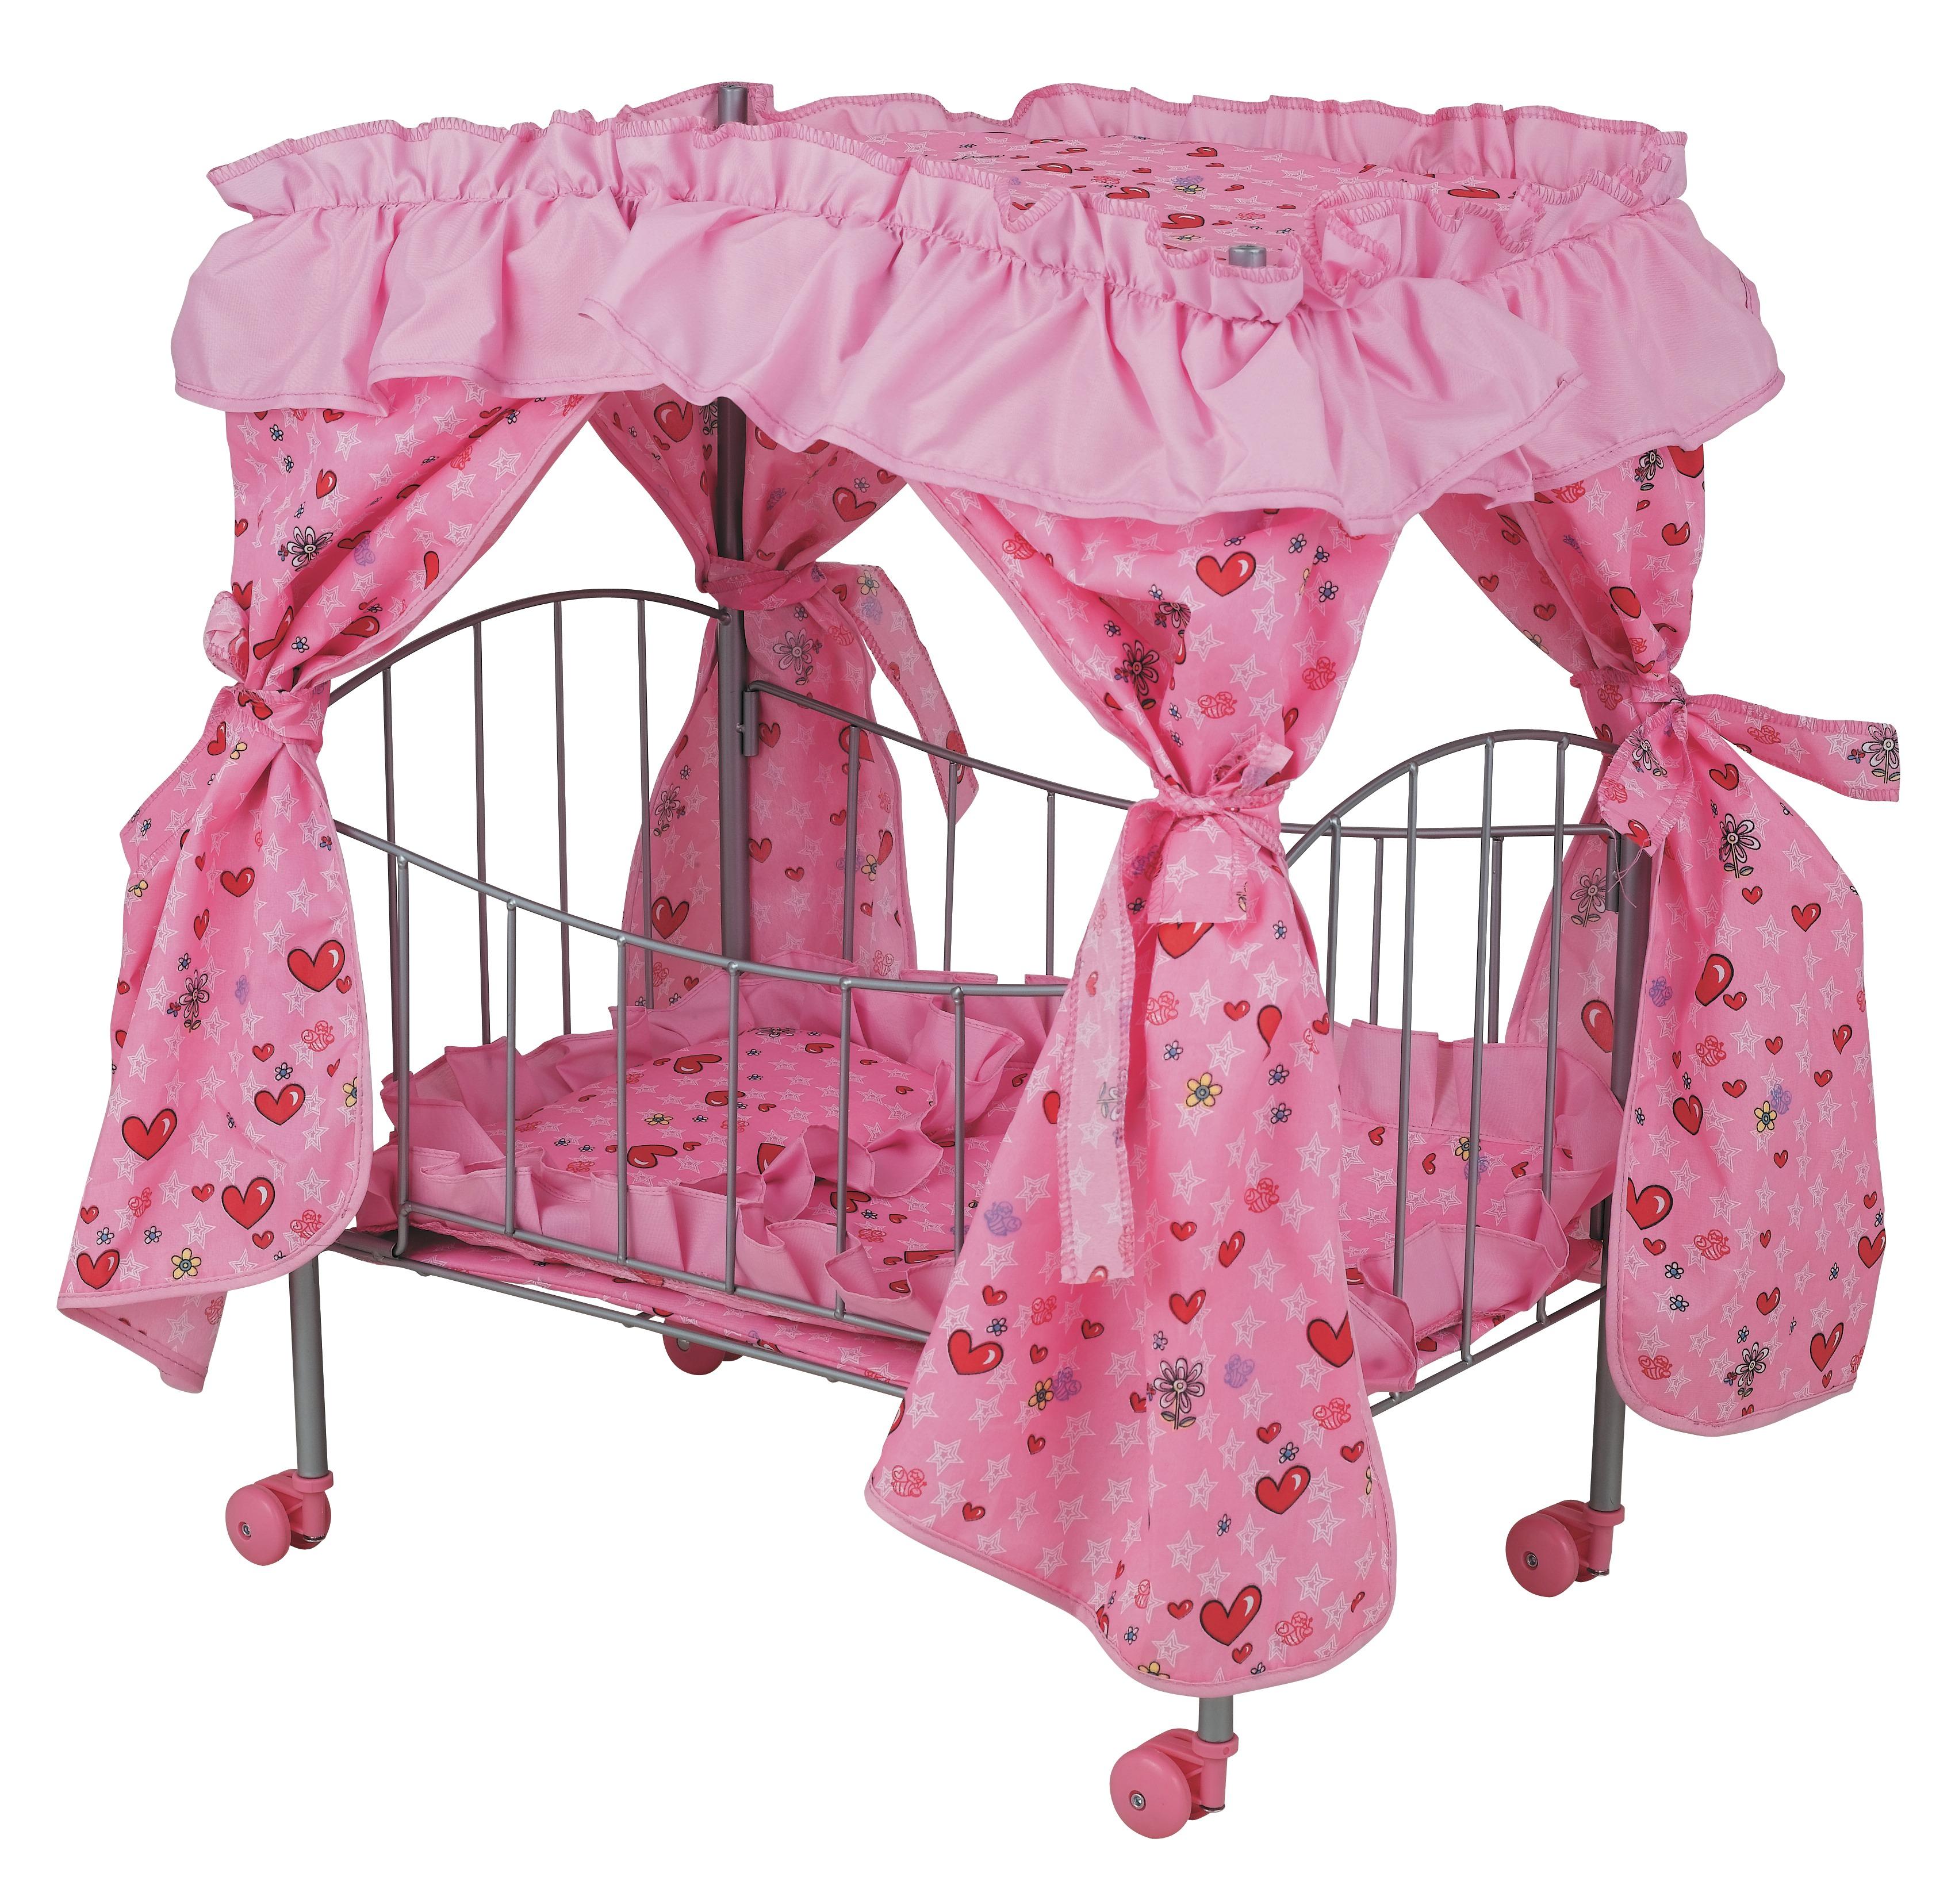 Кроватка для куклы с пологом на колесахДетские кроватки для кукол<br>Размеры: 48 х 31.5 х 59.5 см.<br>